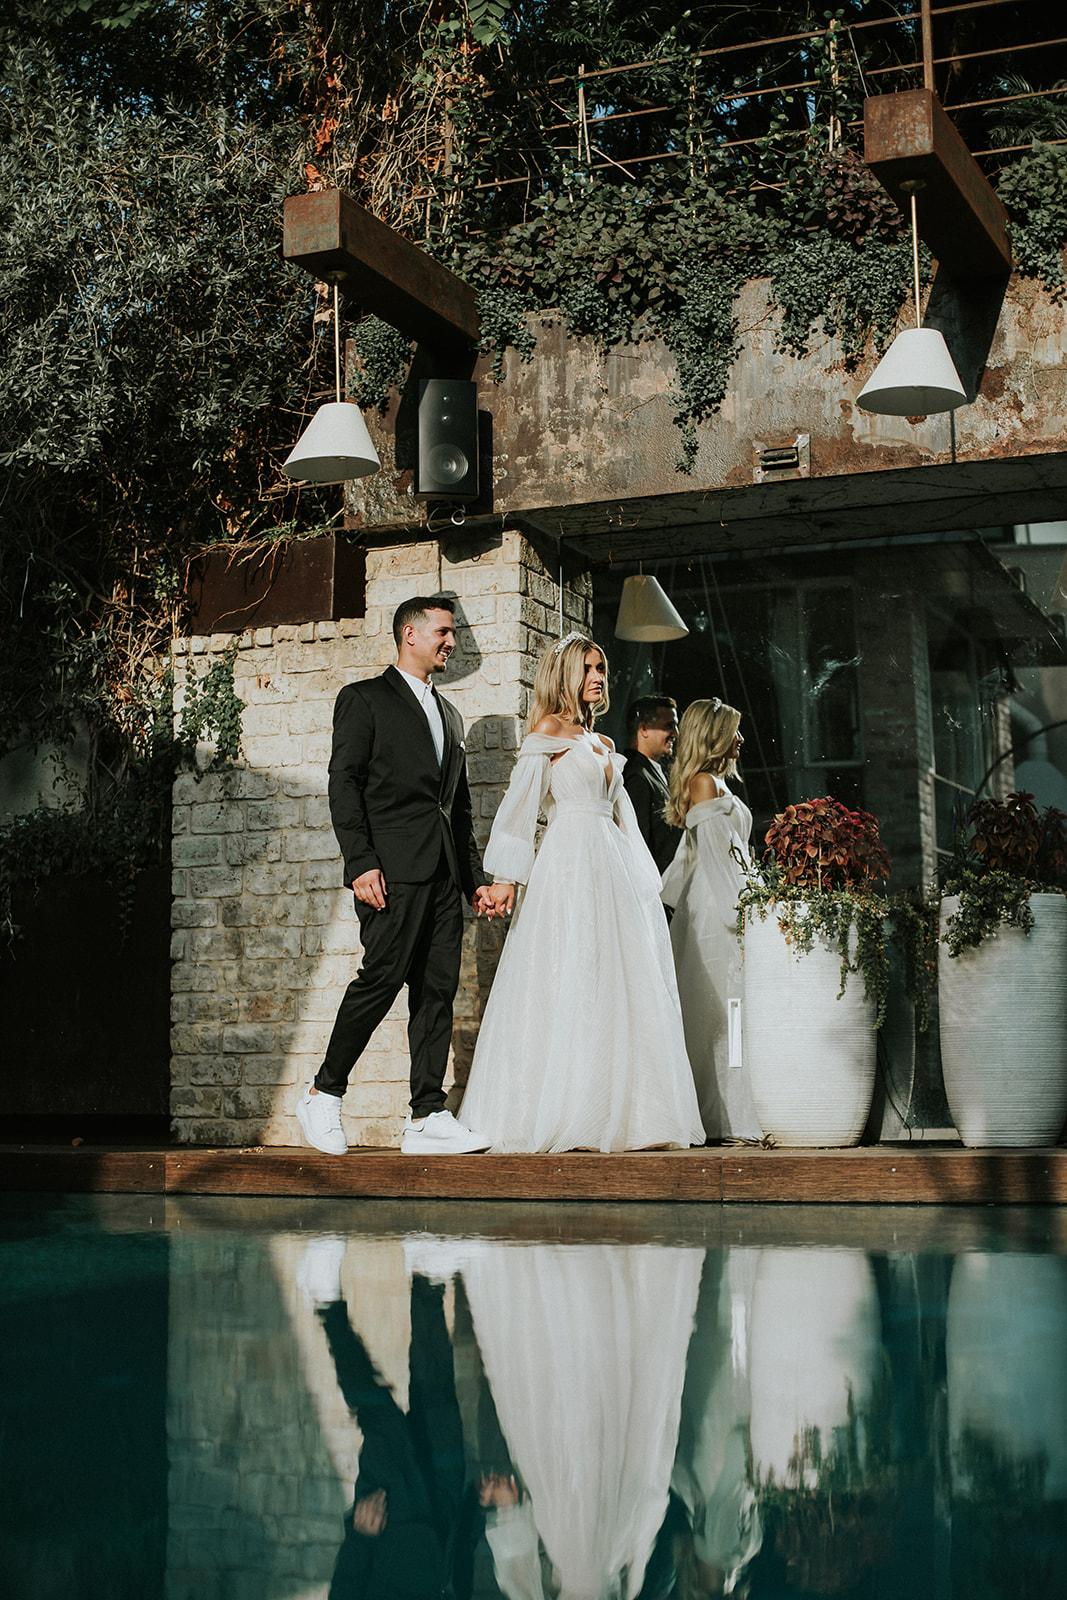 קלאסית ואינטימית: חתונת חצר בהשראת חבל אמאלפי באיטליה